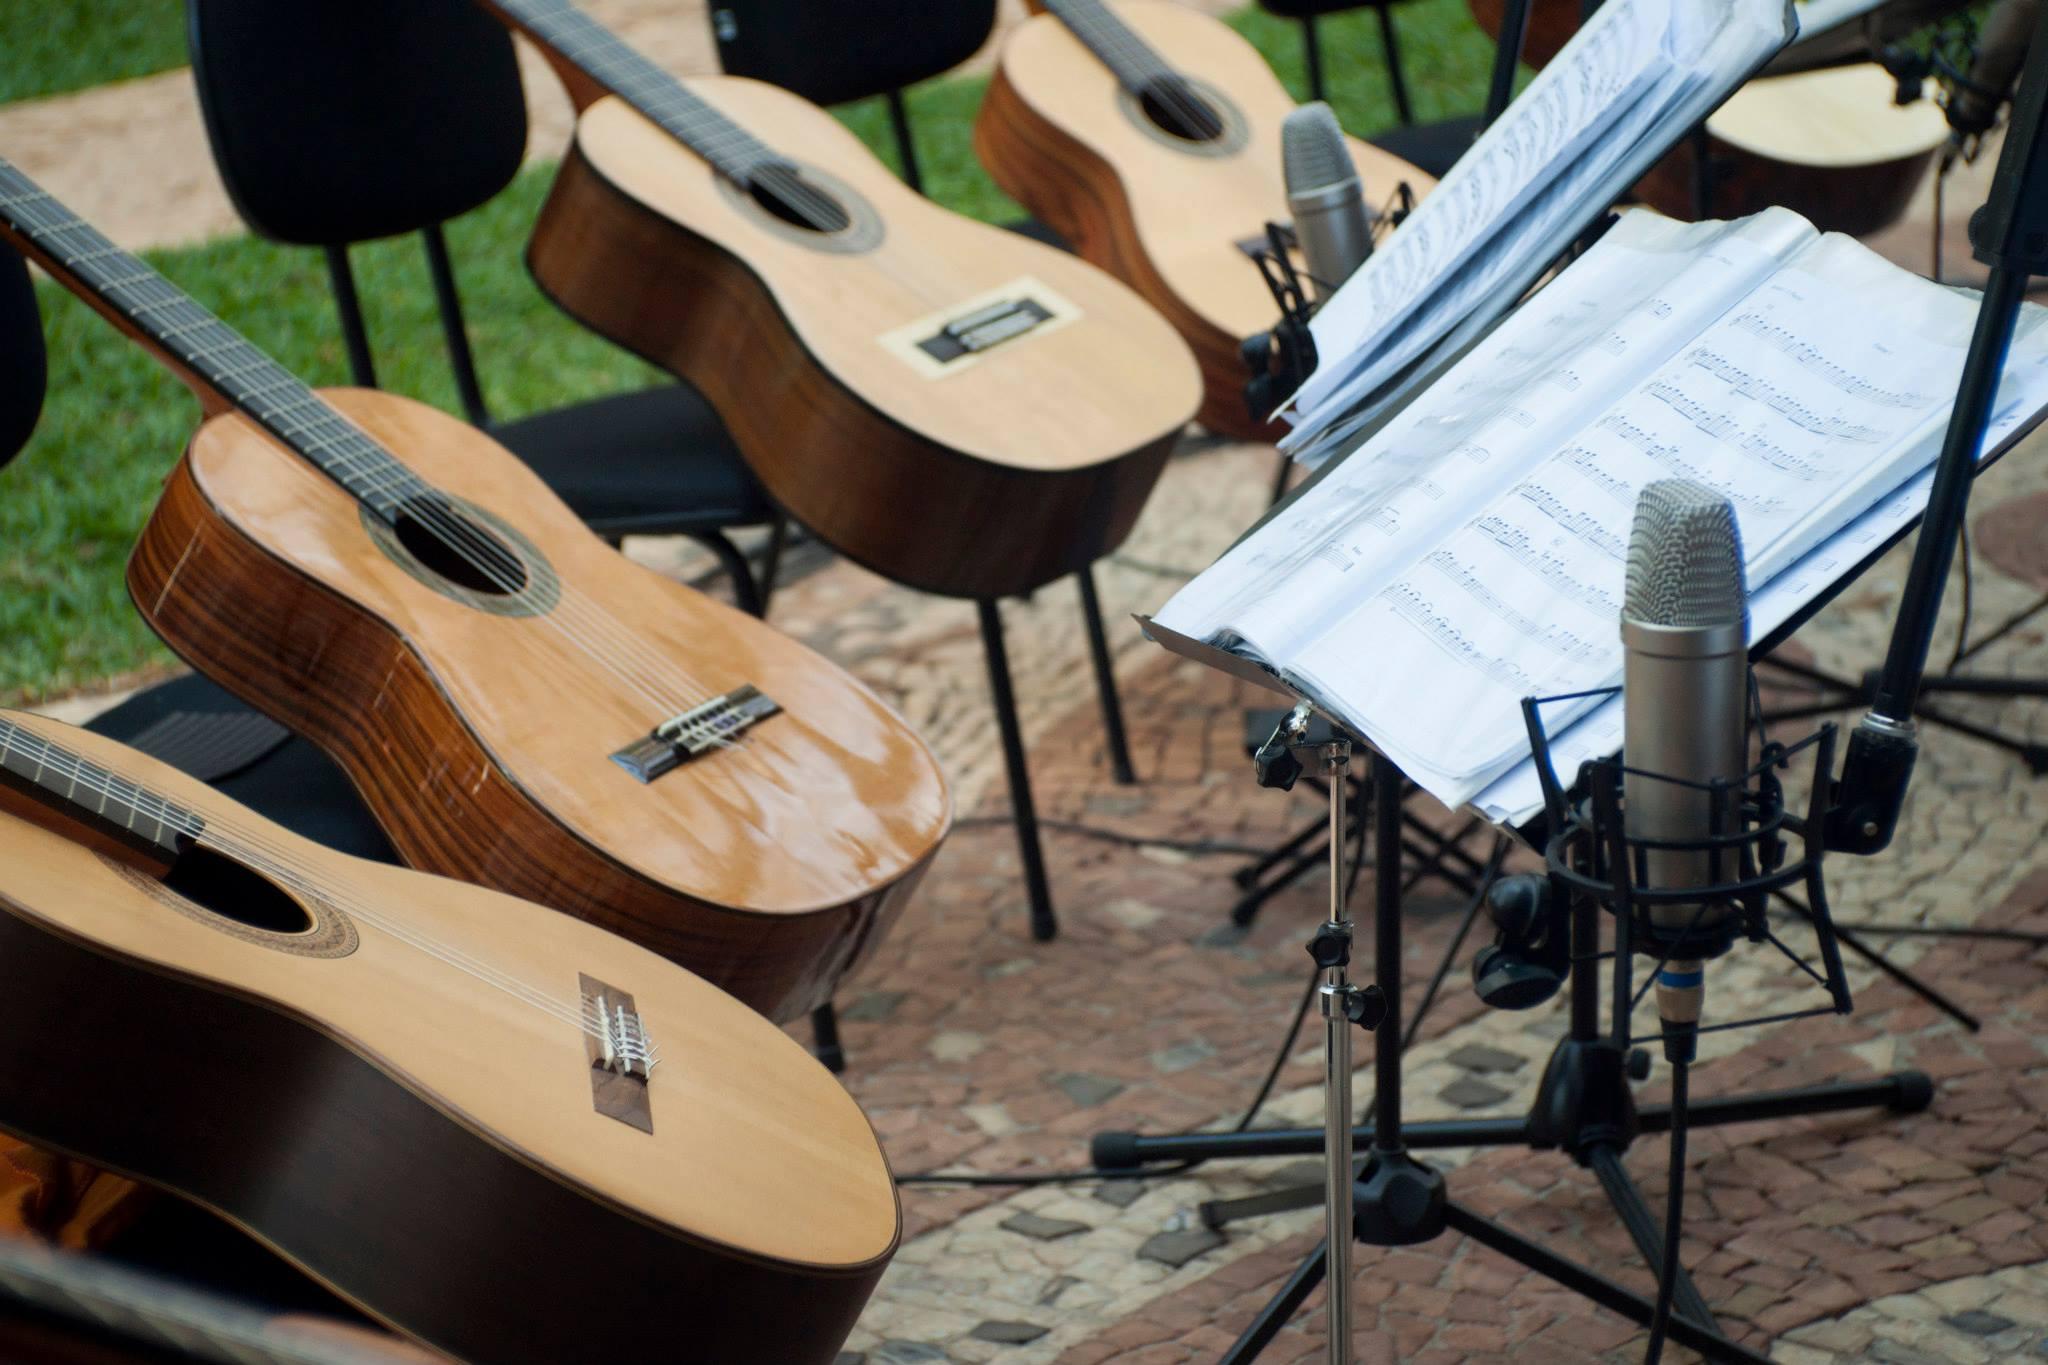 Camerata de violões da EMESP Tom Jobim se apresenta na Casa-Museu Ema Klabin